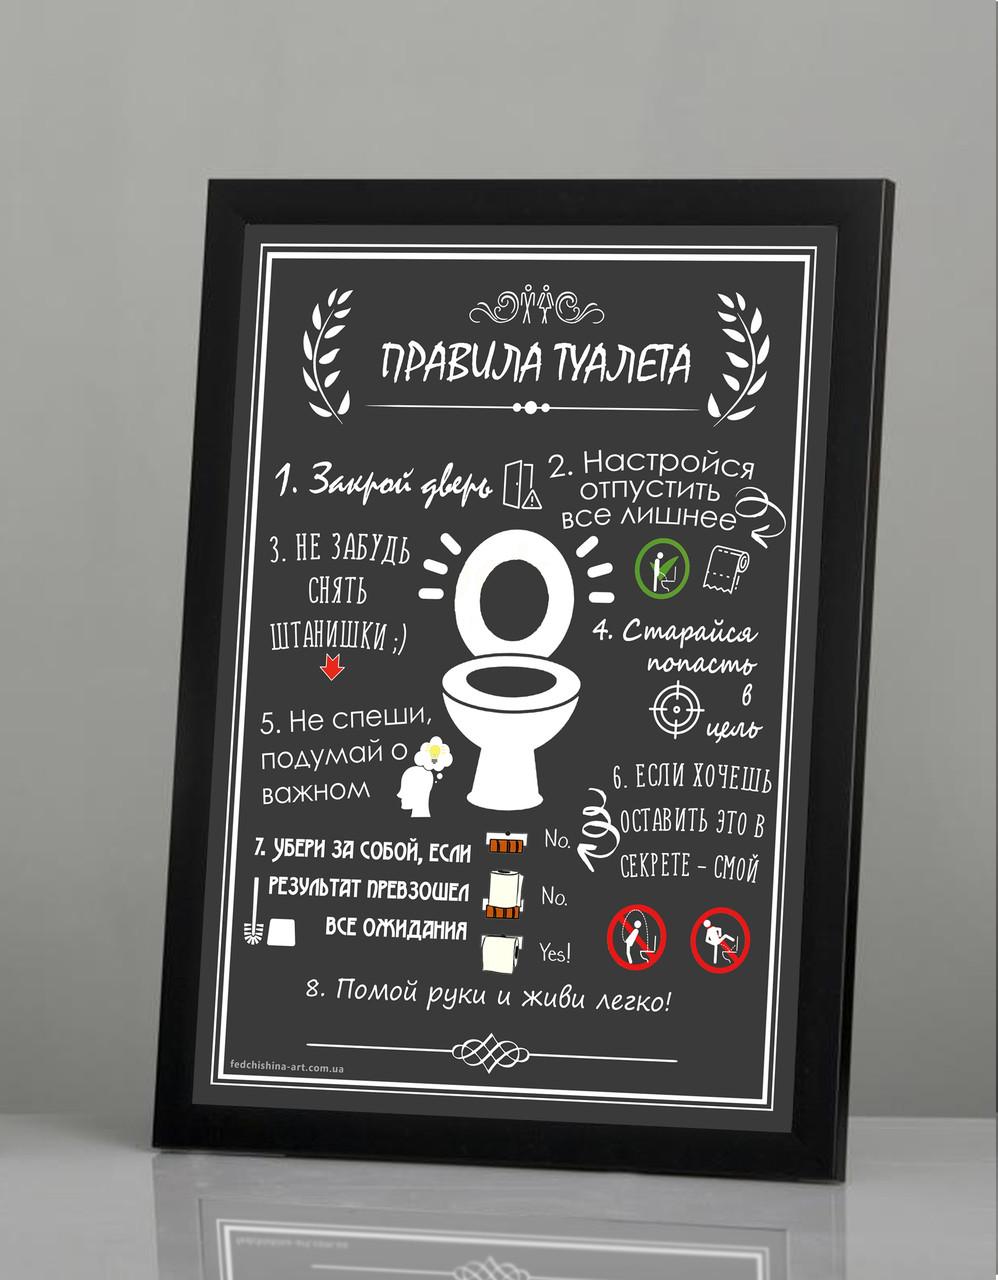 Плакат постер Правила туалета А4 в раме черной на стену на русском